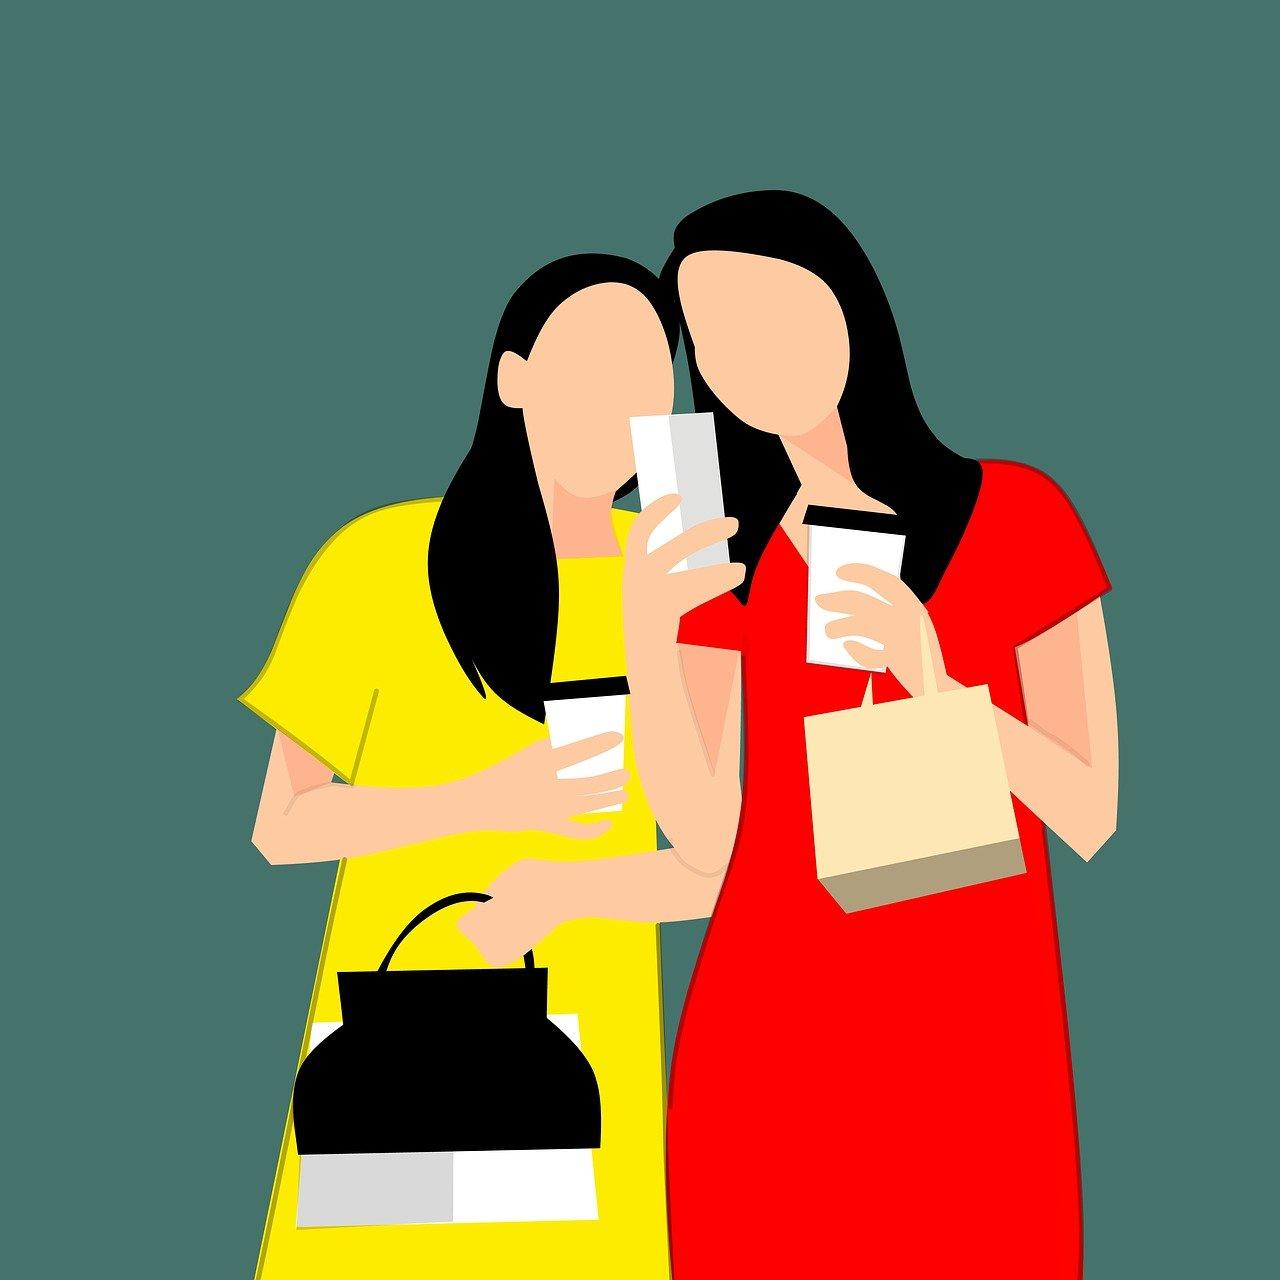 women, shopping, friendship